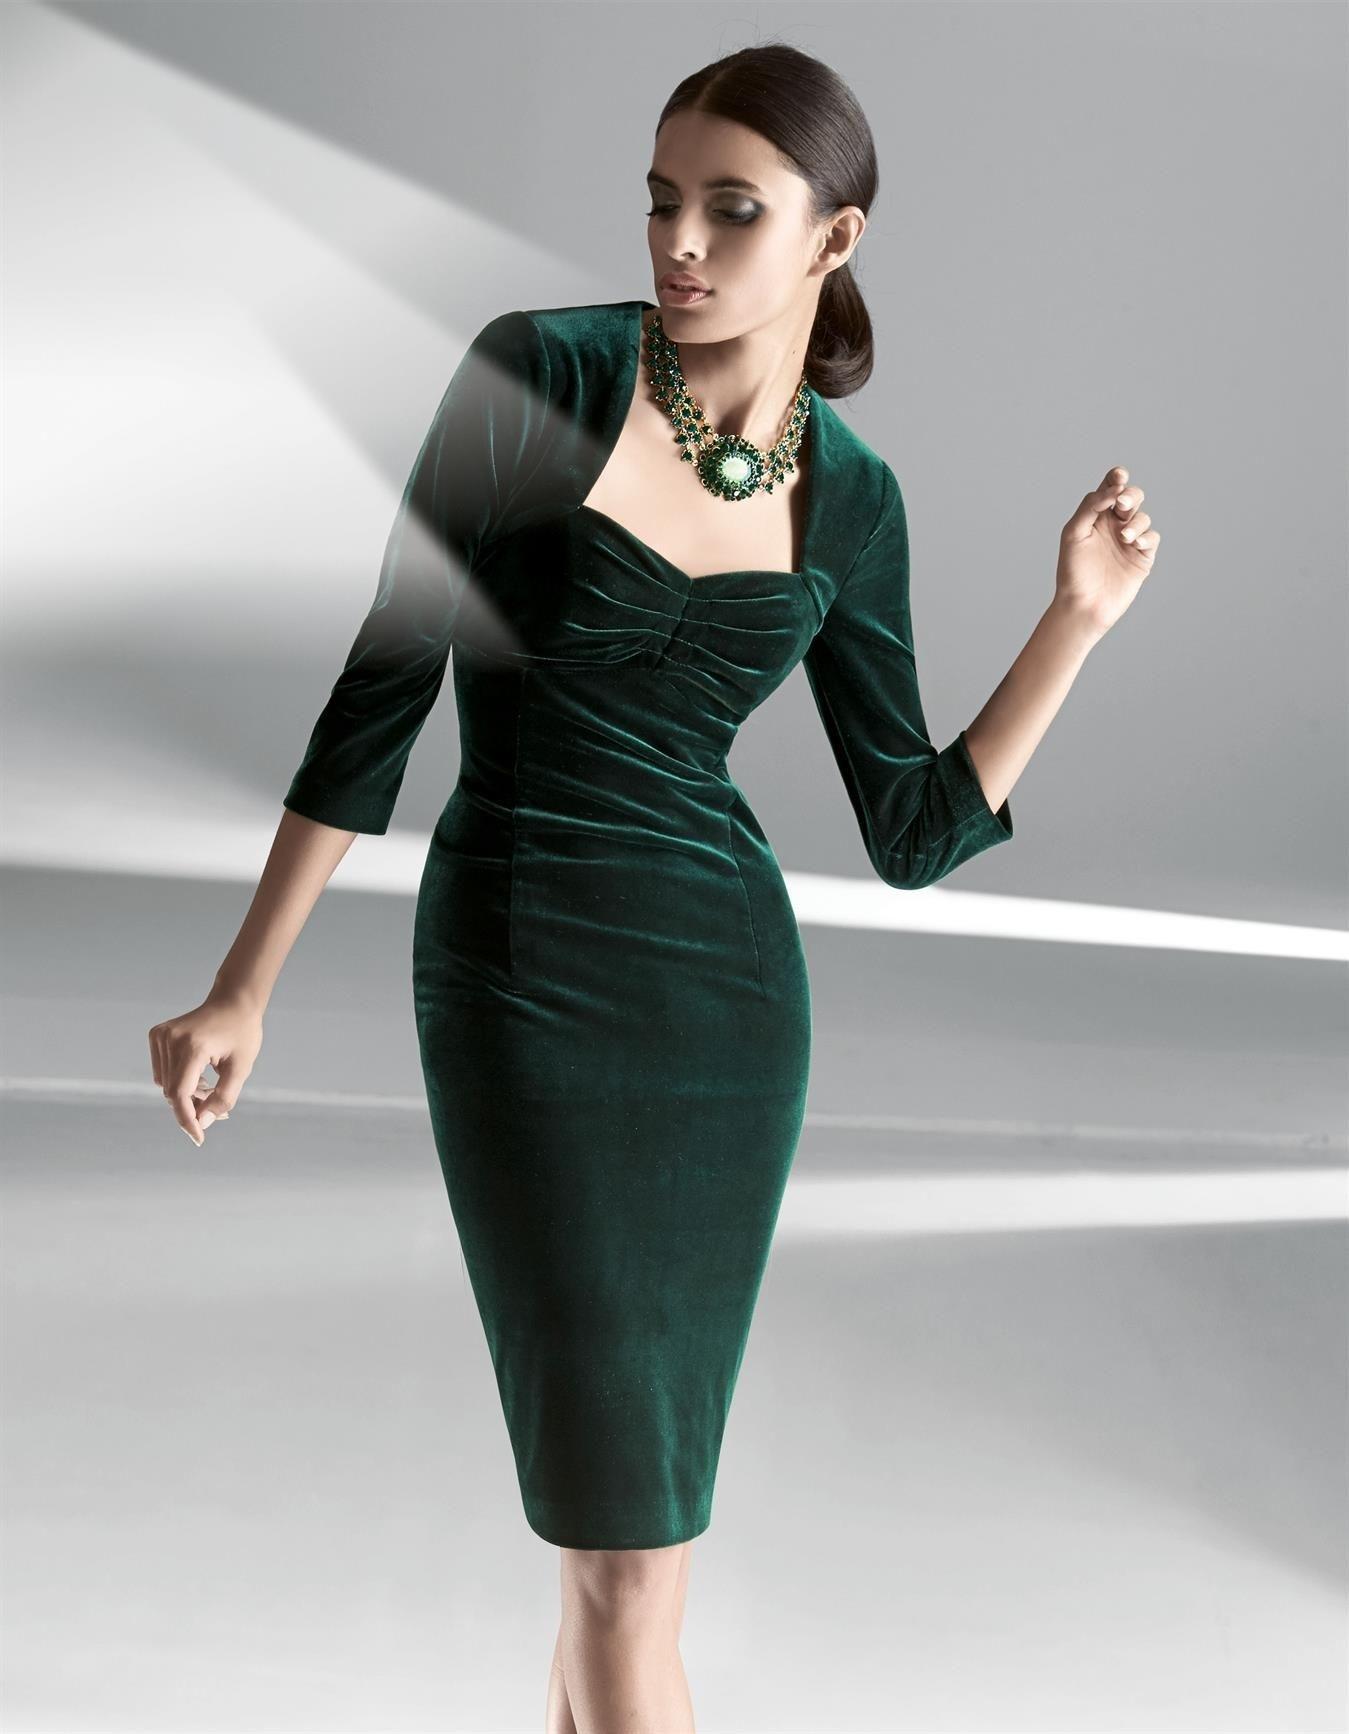 Abend Schön Schicke Kleider Größe 46 DesignAbend Leicht Schicke Kleider Größe 46 Vertrieb